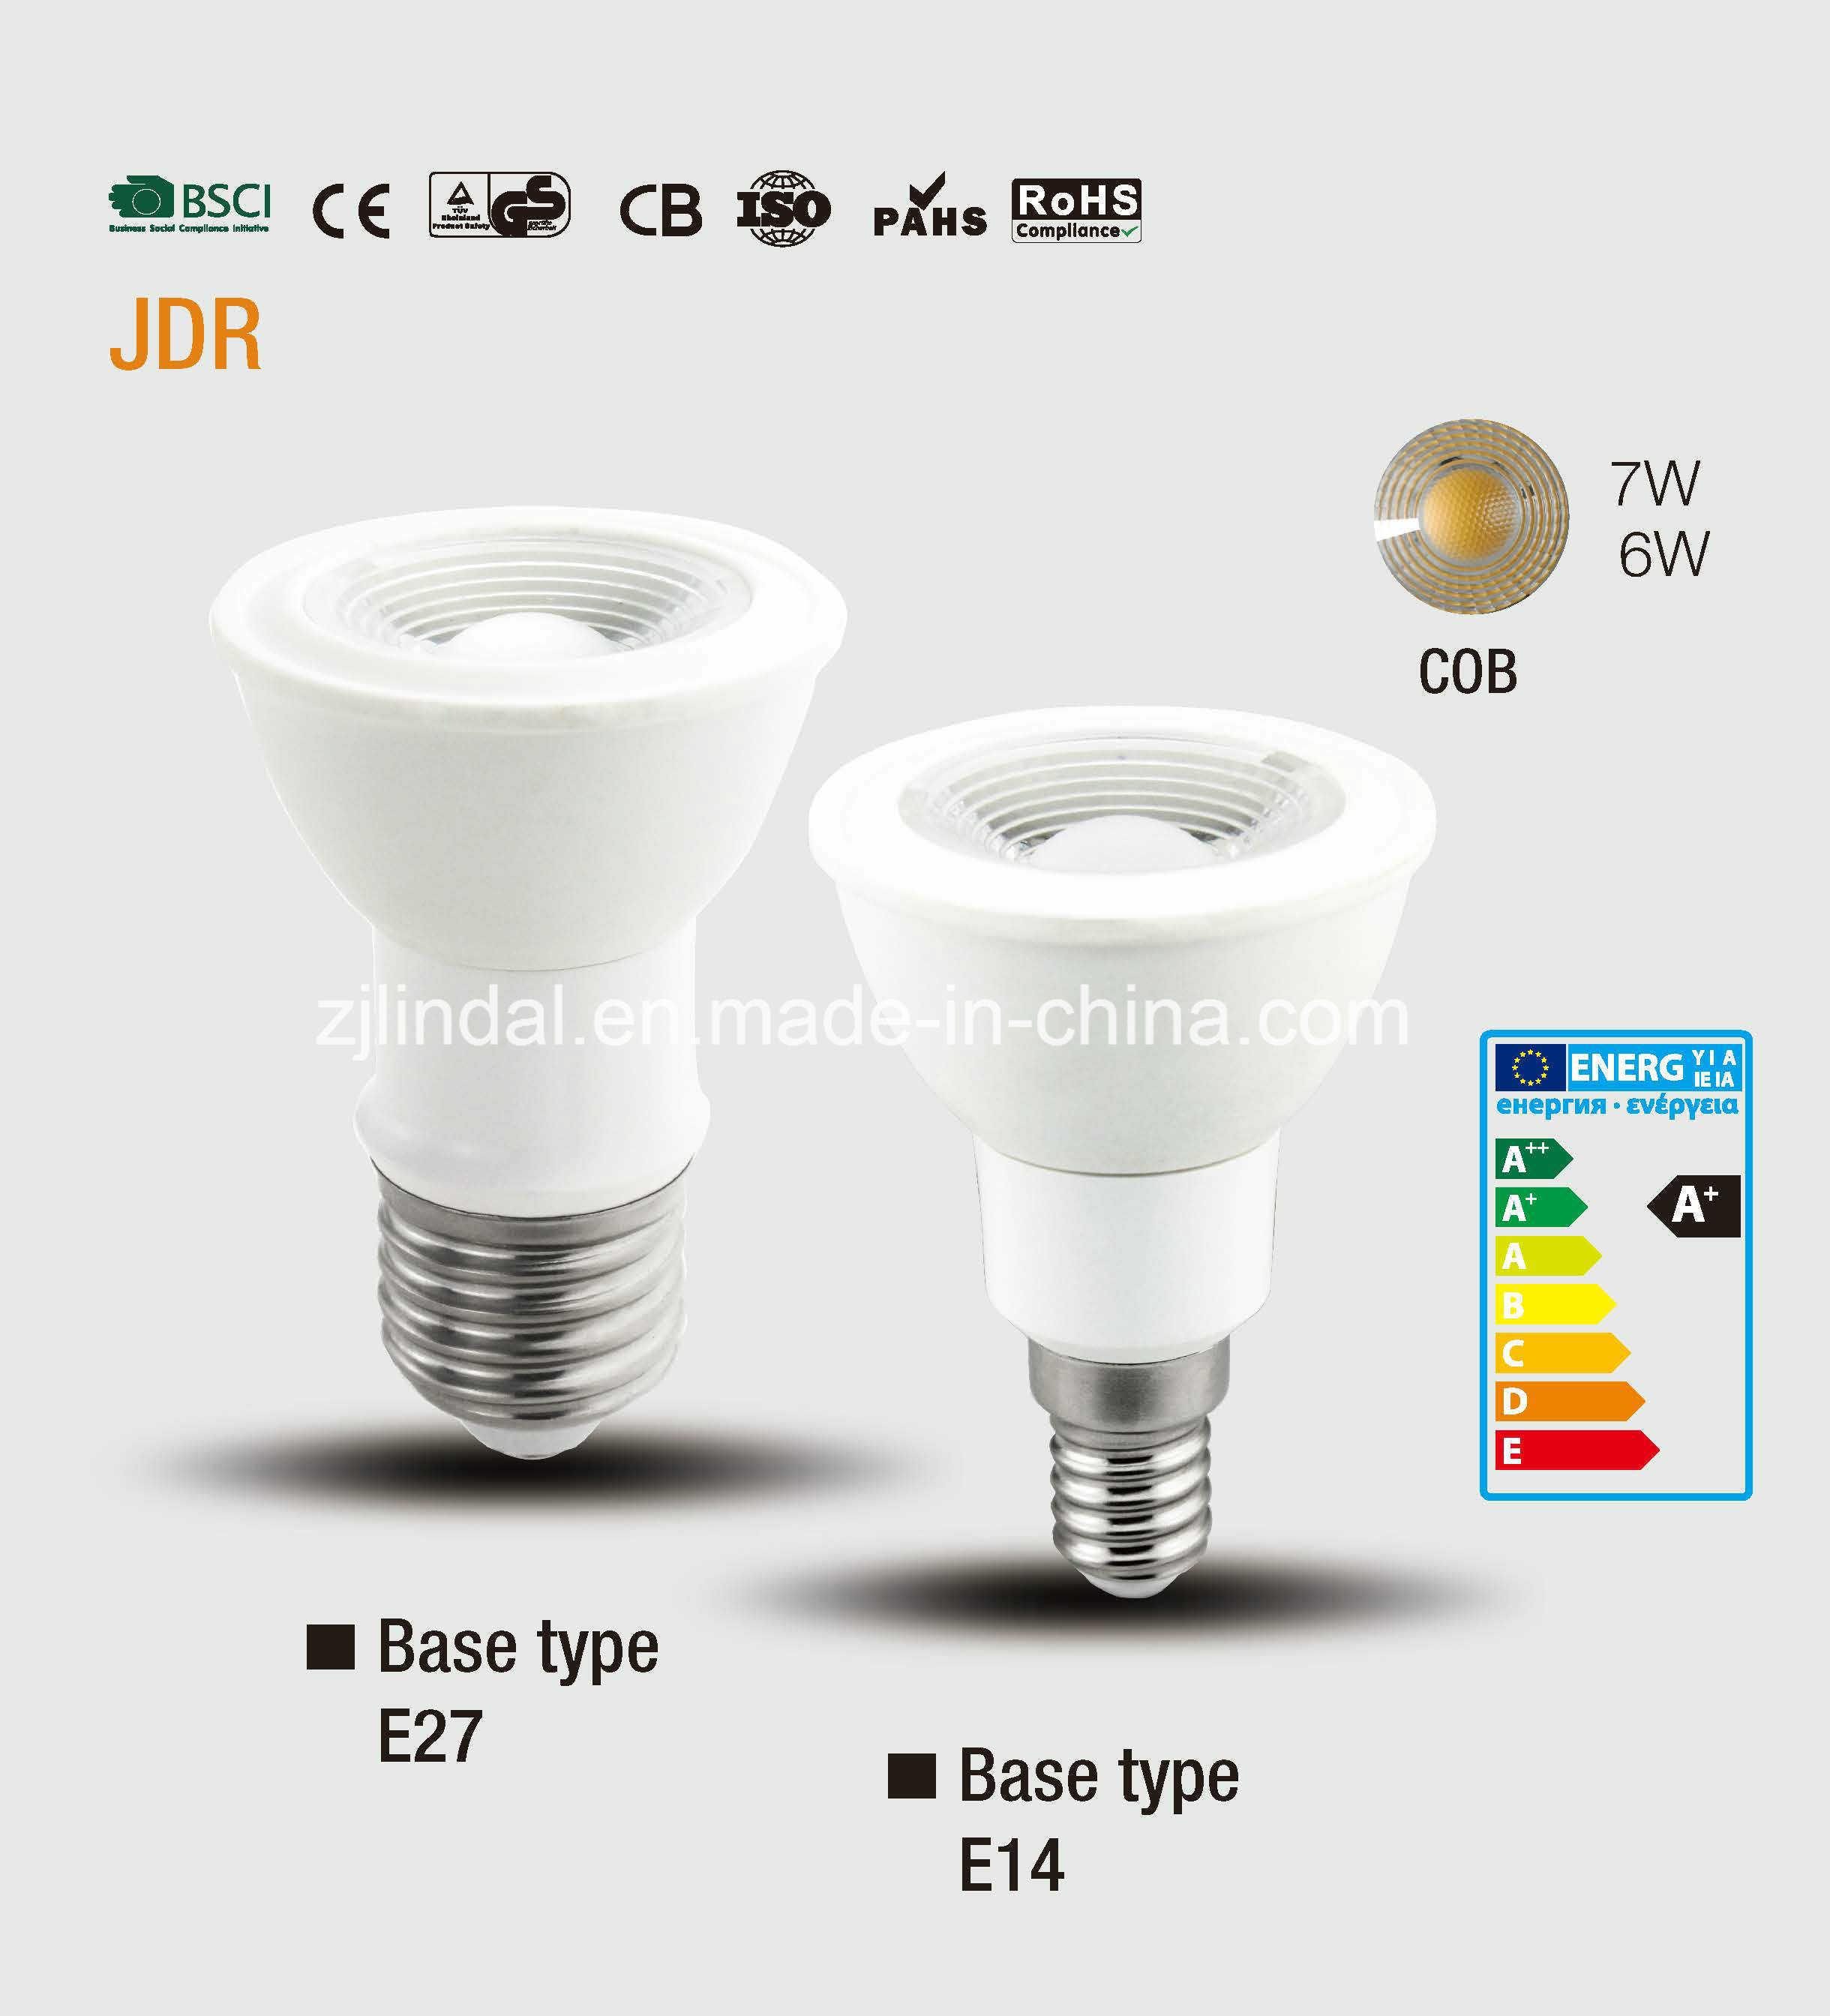 LED Bulb JDR-Sbl